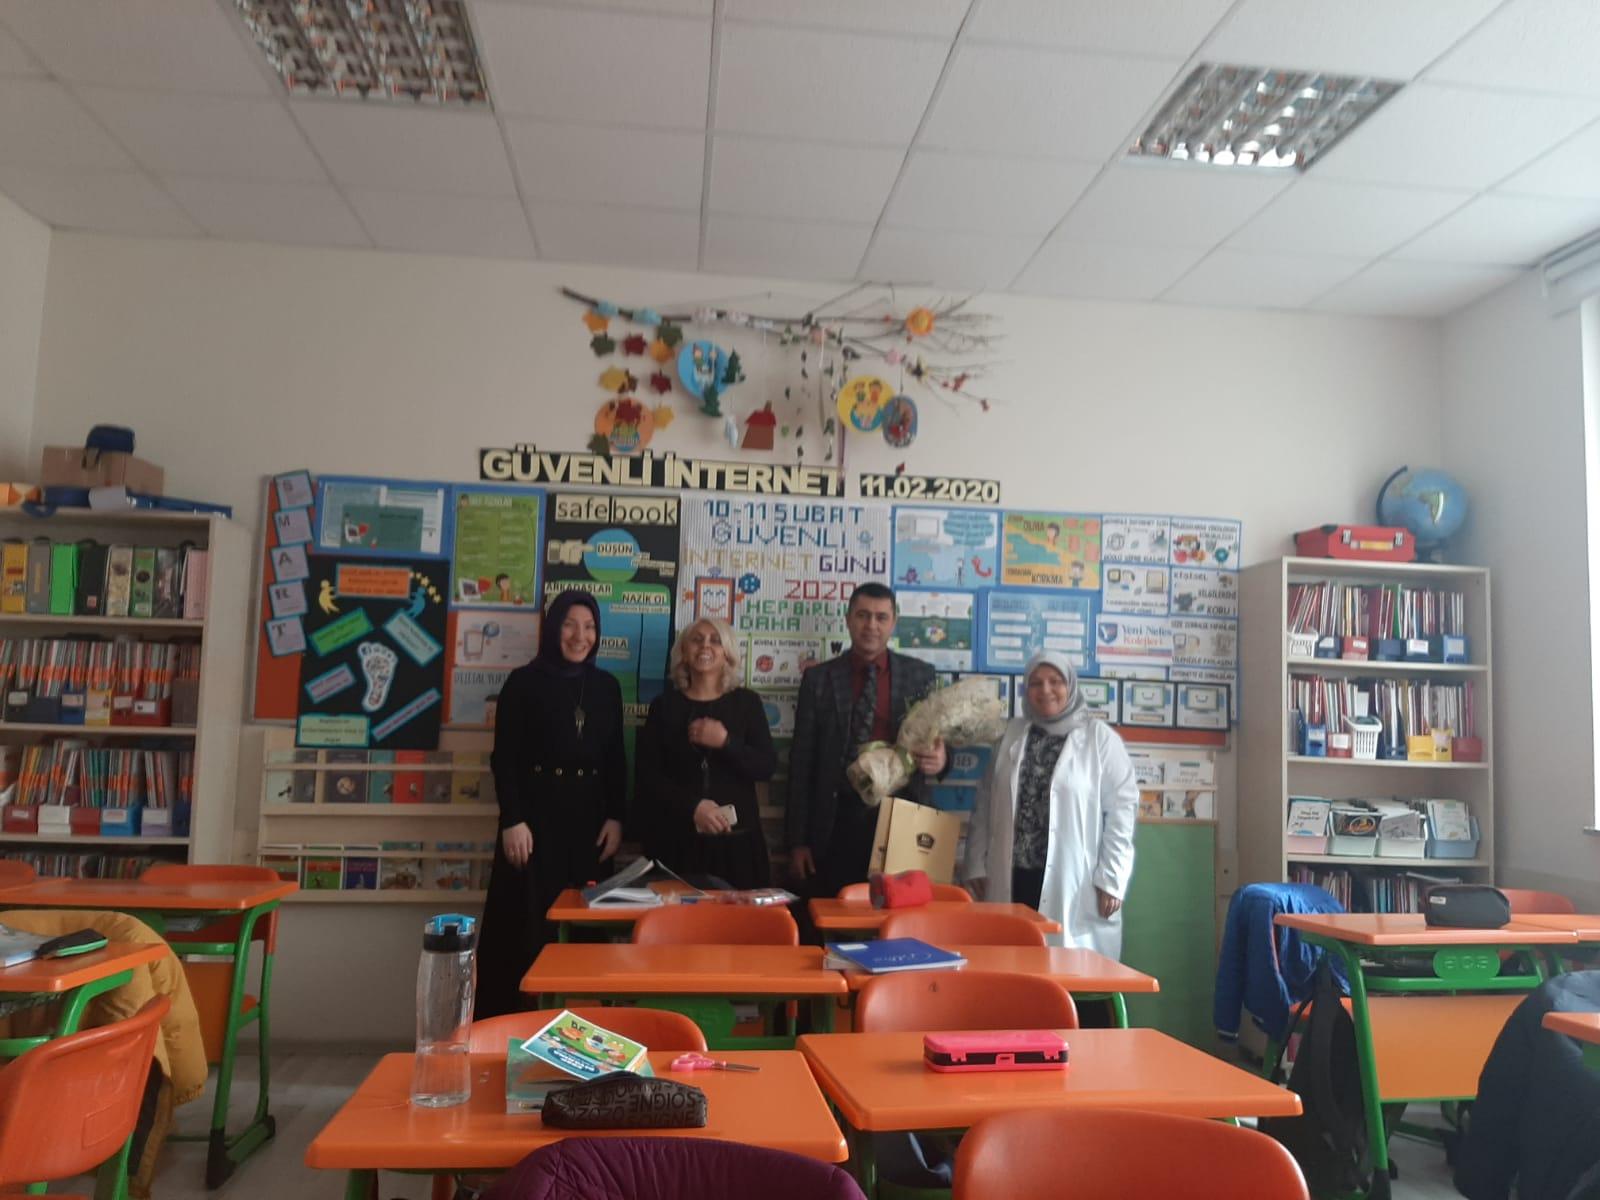 Ankara Keçiören Yeni Nefes Kolejinde, Güvenli ve Bilinçli İnternet Semineri